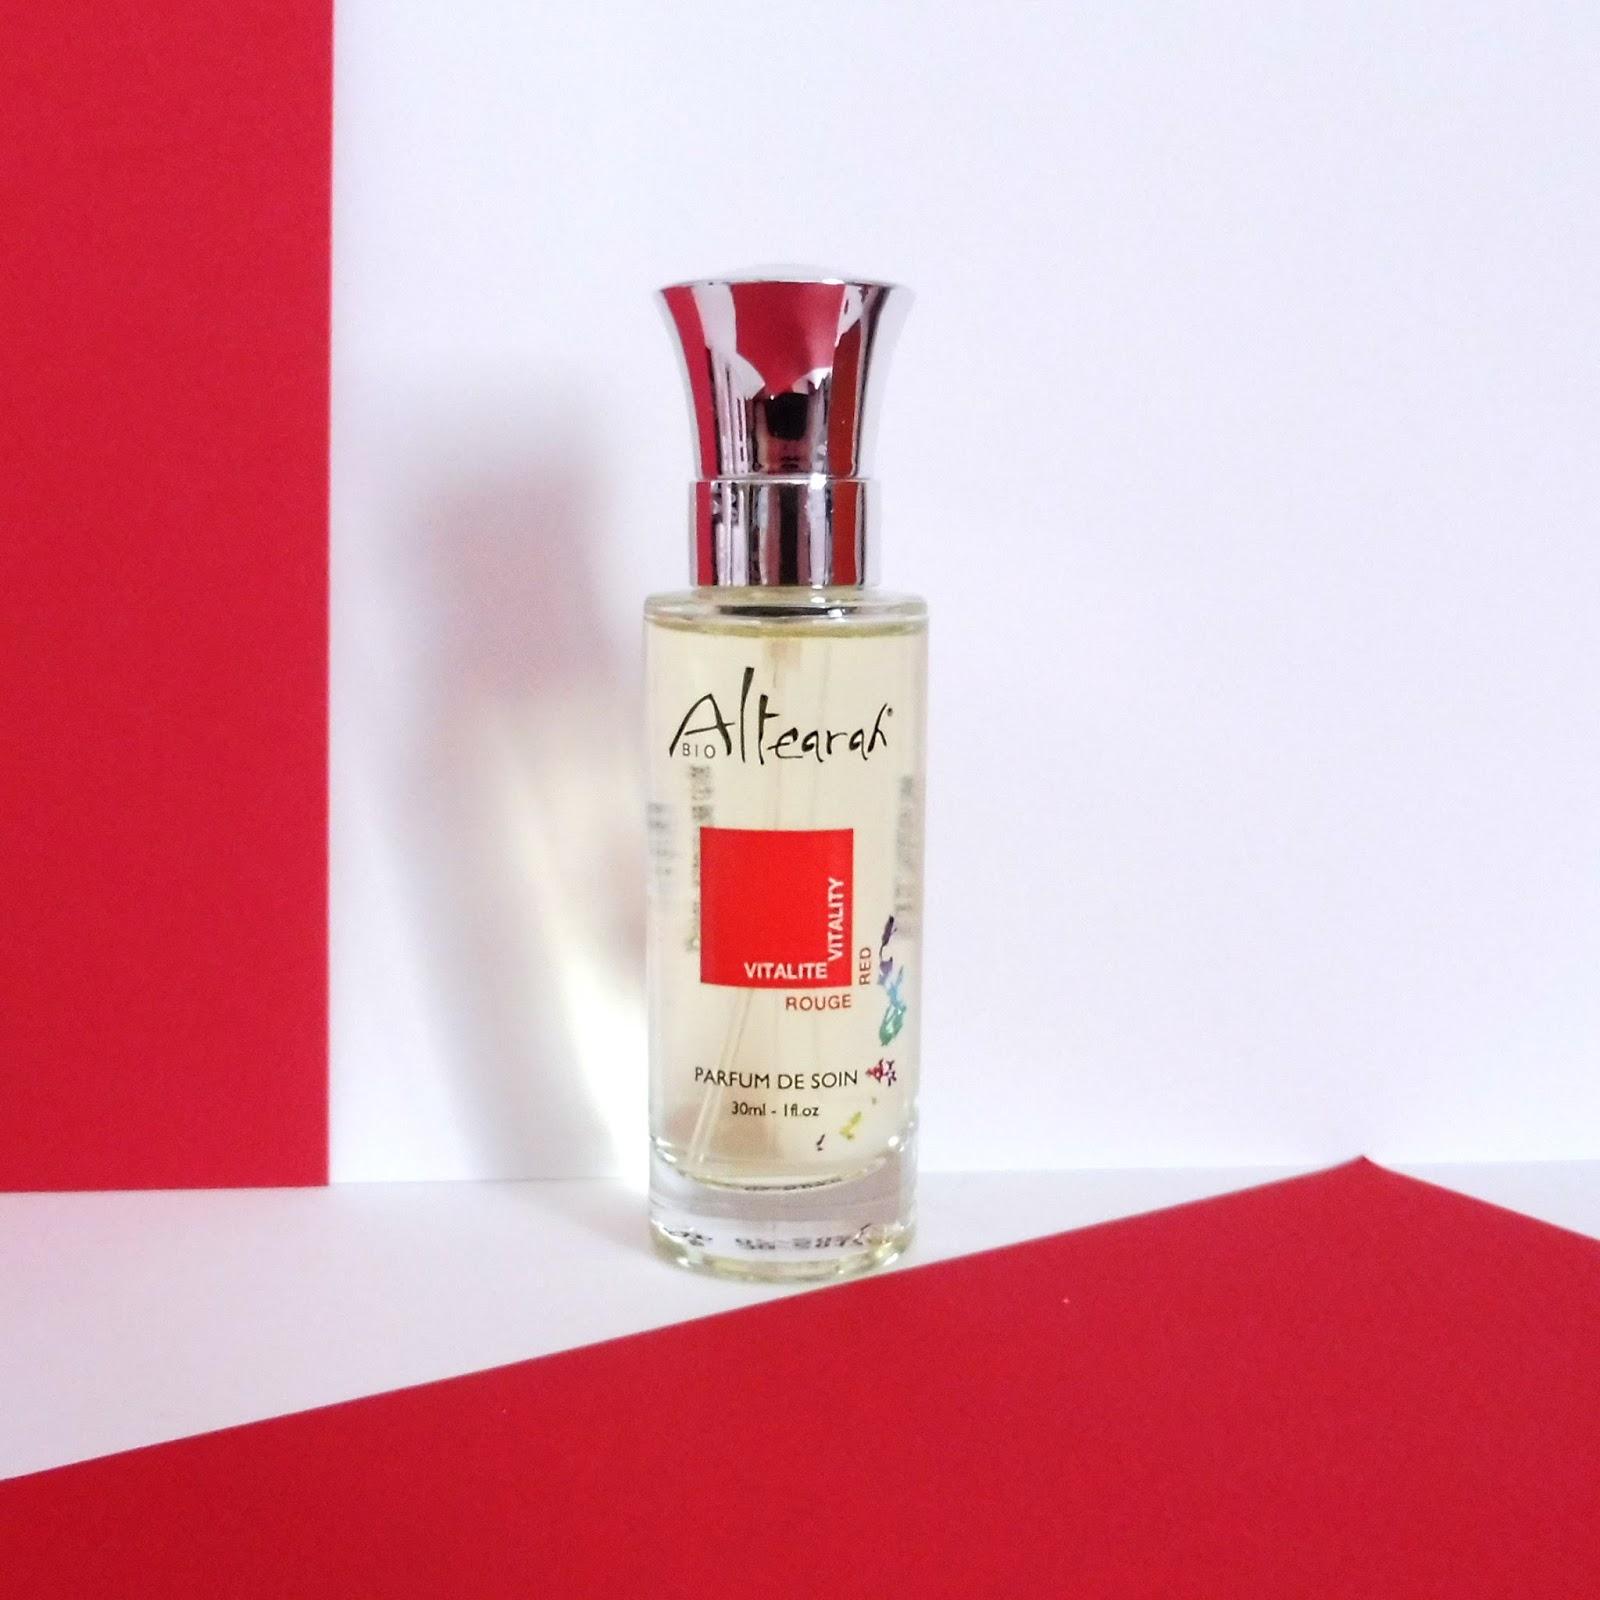 Test de la marque Altearah, la cosmétique émotive. Par Lili LaRochelle à Bordeaux